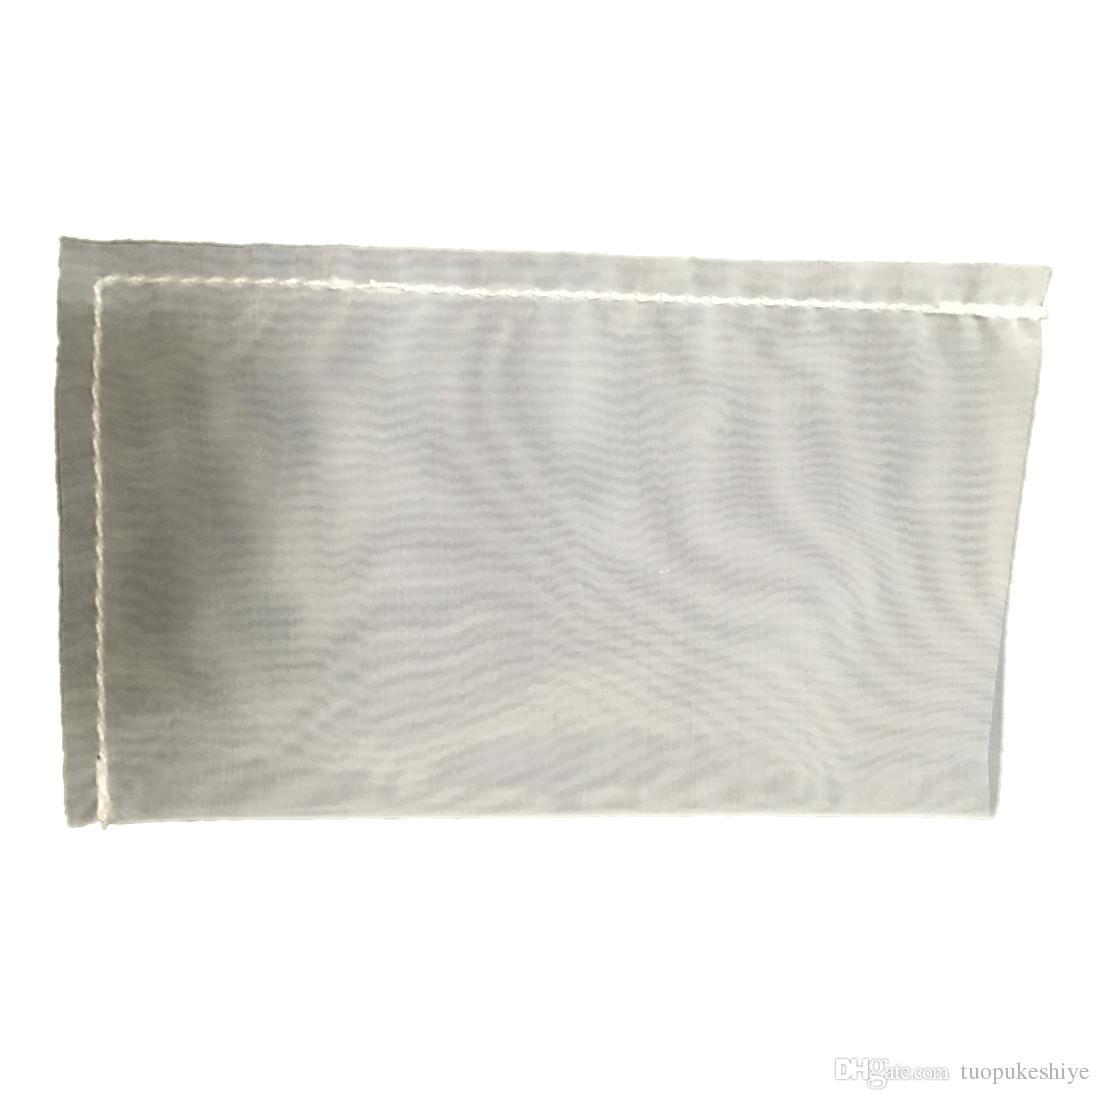 Sacchetti presse di grado alimentare di grado medicale 100 micron sacchetti di colofonia di nylon da 100 micron 2.6x4.3in filtro da 100u